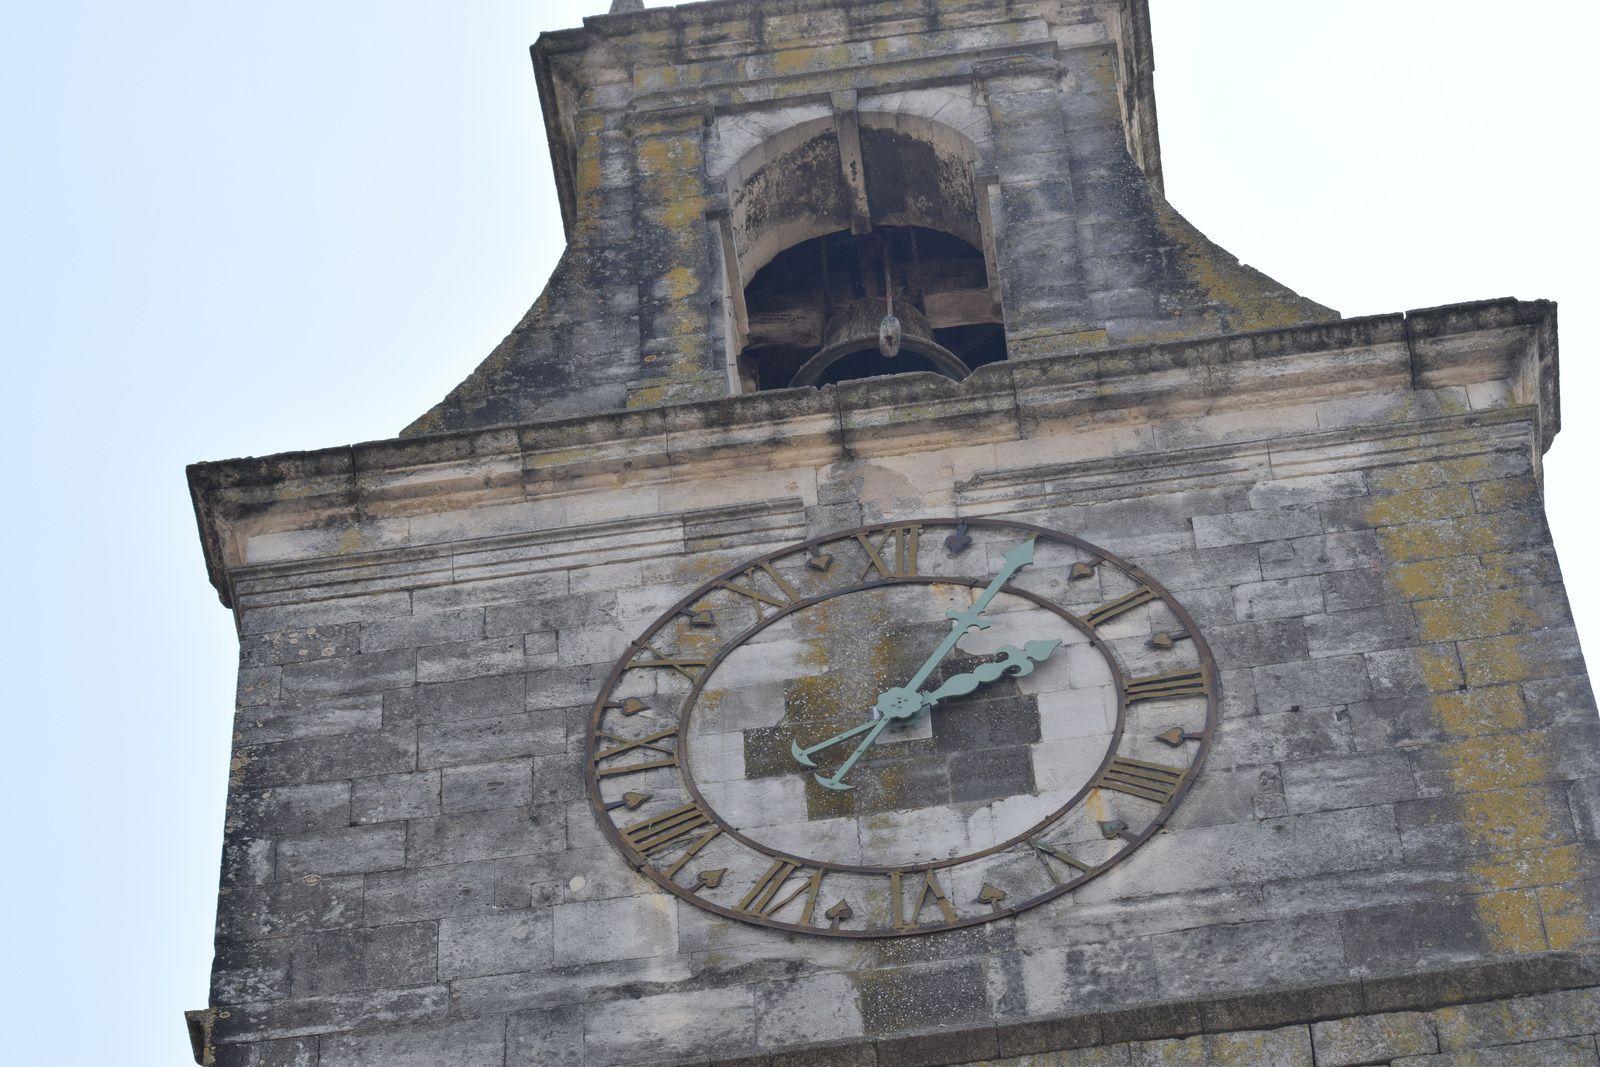 La Porte du Tricot : cette porte fortifiée est l'une des deux portes fortifiées ayant subsisté à Grignan. Elle date du XIIIe siècle et a été surélevée en 1600 afin d'accueillir une cloche et une horloge qui lui valent son surnom de beffroi. Le parement de la voûte a été restauré.. Beffroi (XIIe siècle) (MH) et porte (XIVe siècle).